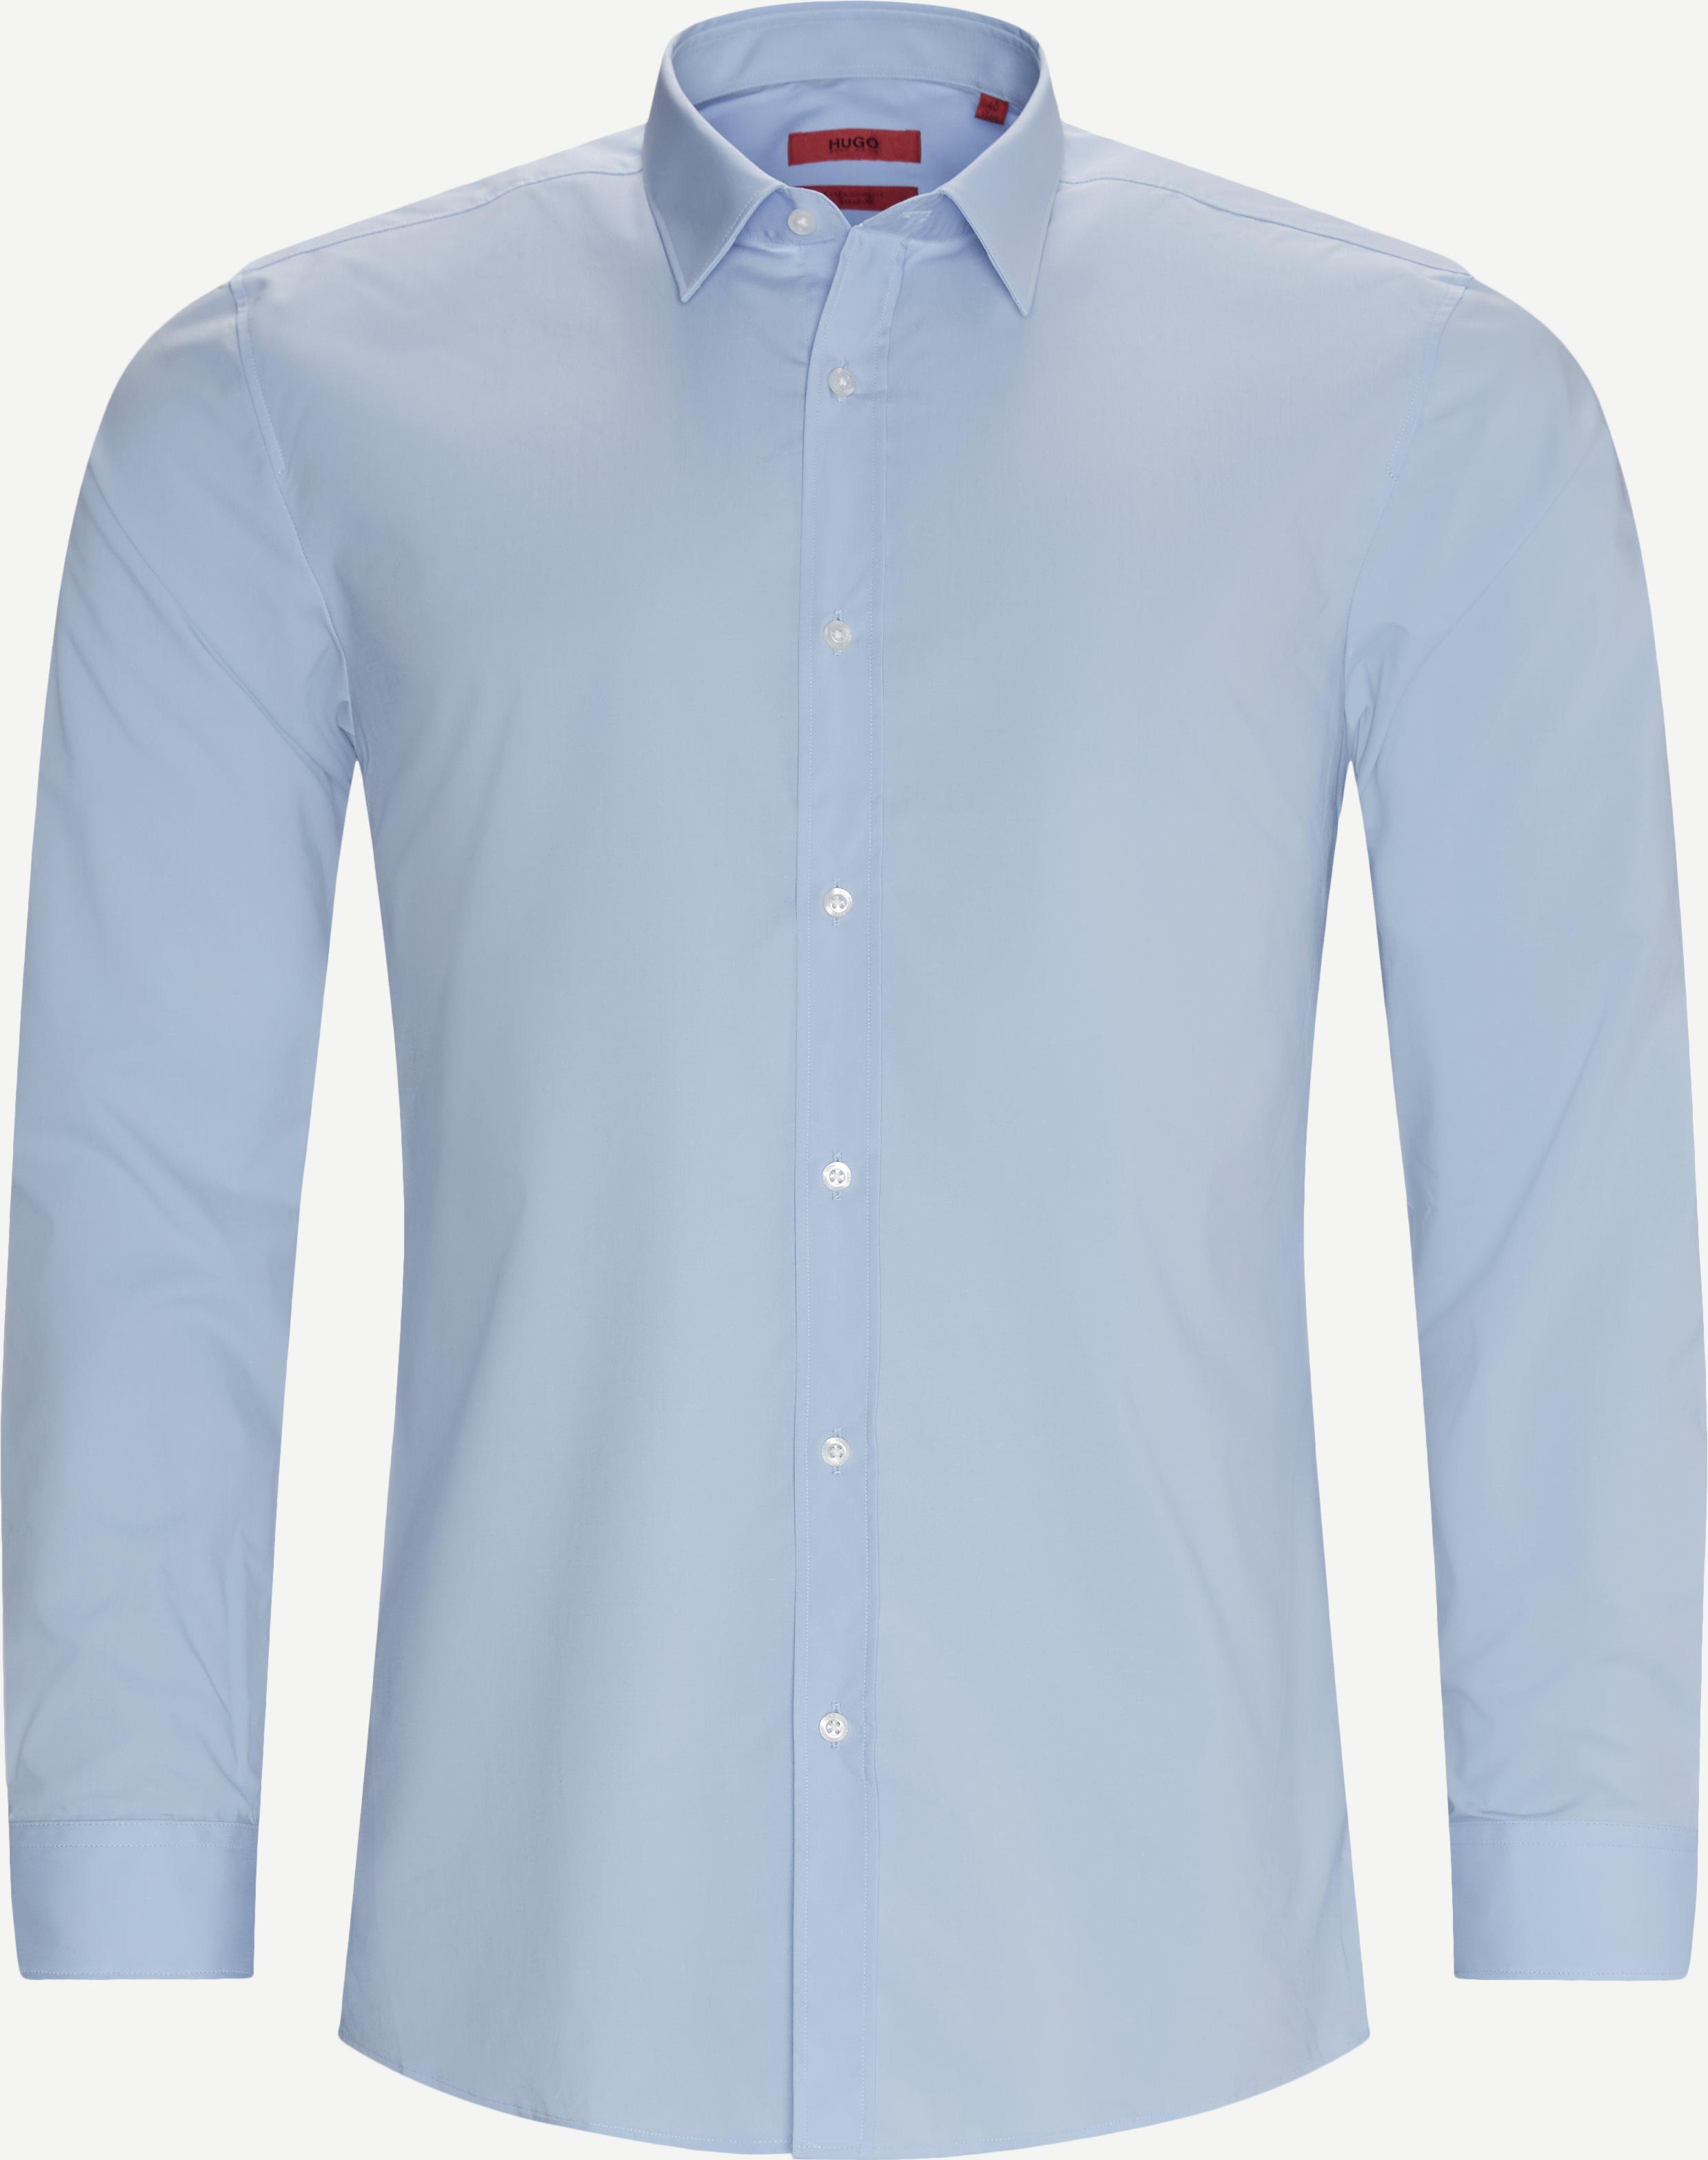 Elisha02 Shirt - Skjortor - Ekstra slim fit - Blå